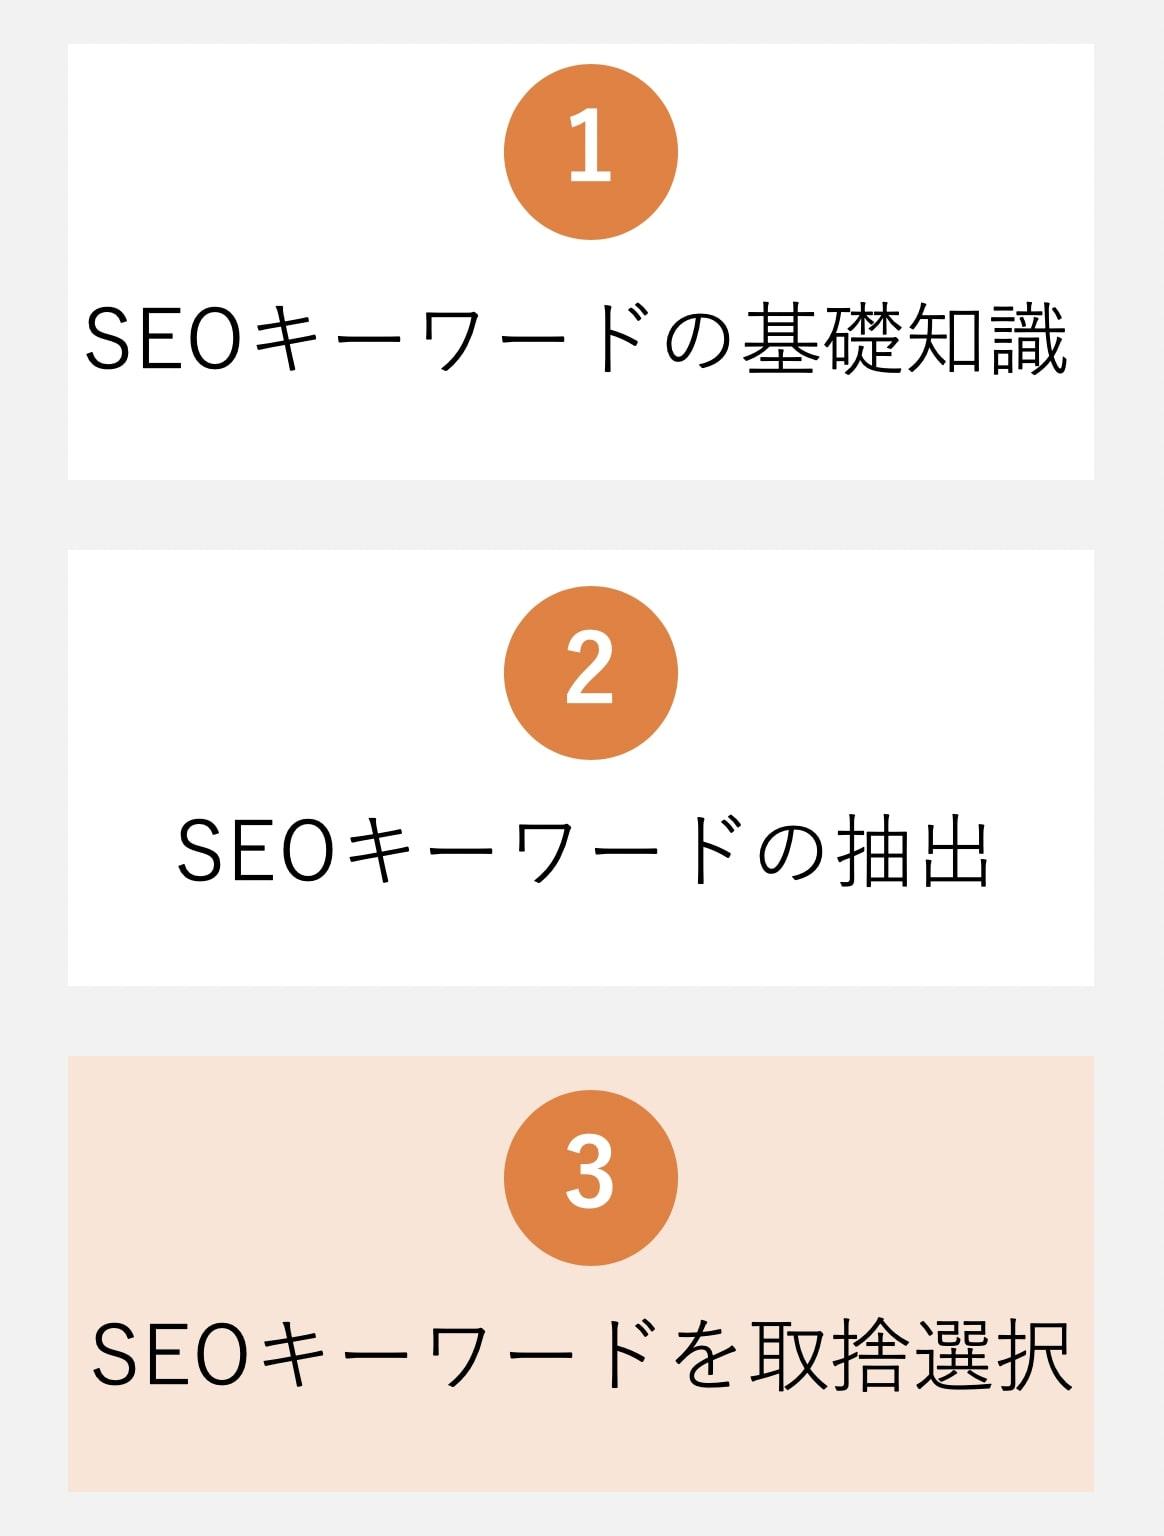 ブログのSEOキーワード準備に関するイメージ図。(取捨選択編)